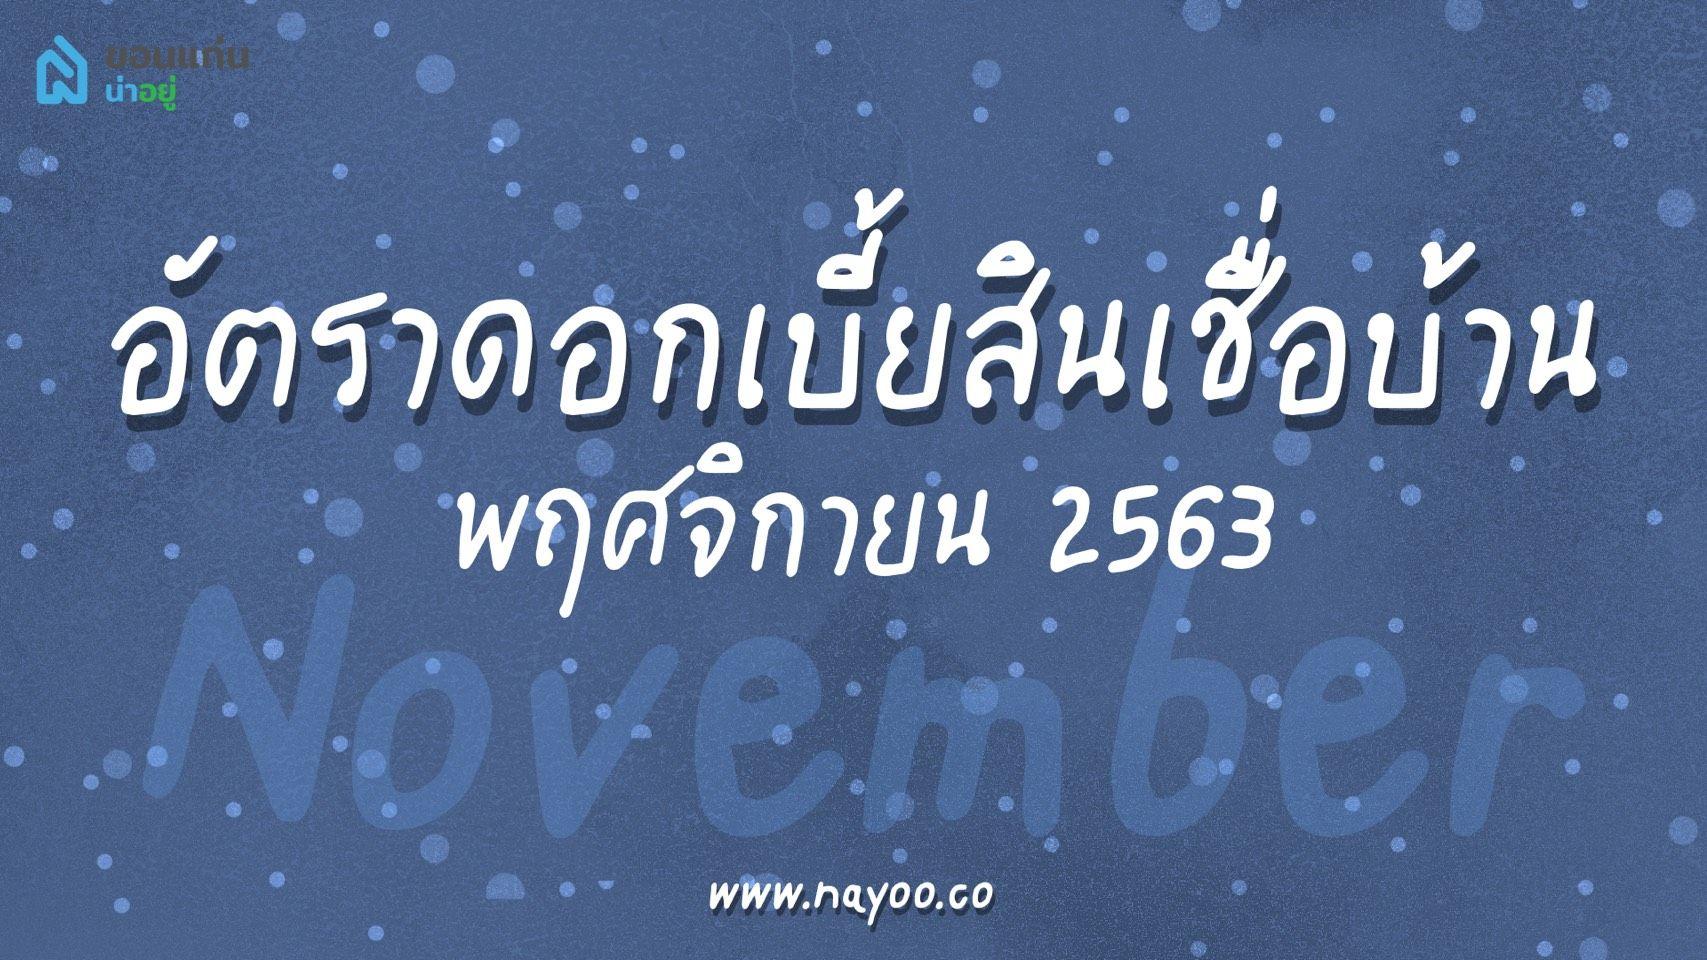 อัตราดอกเบี้ยสินเชื่อบ้าน เดือน พฤศจิกายน 2563